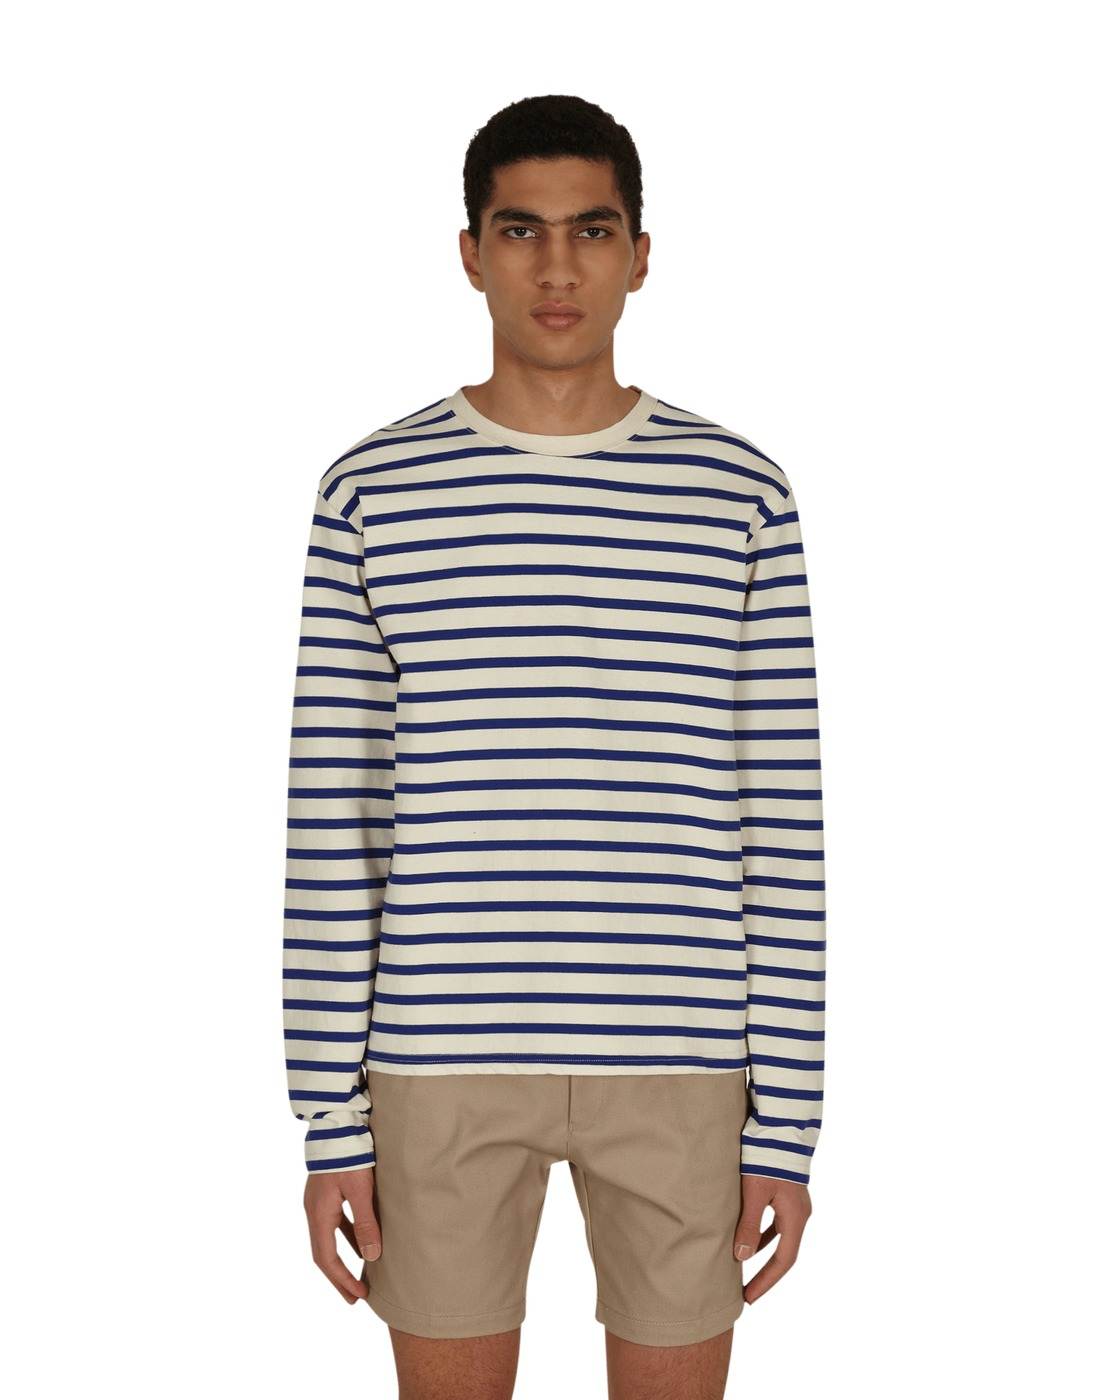 Kapital Border Jersey Longsleeve T Shirt Ecrxblue